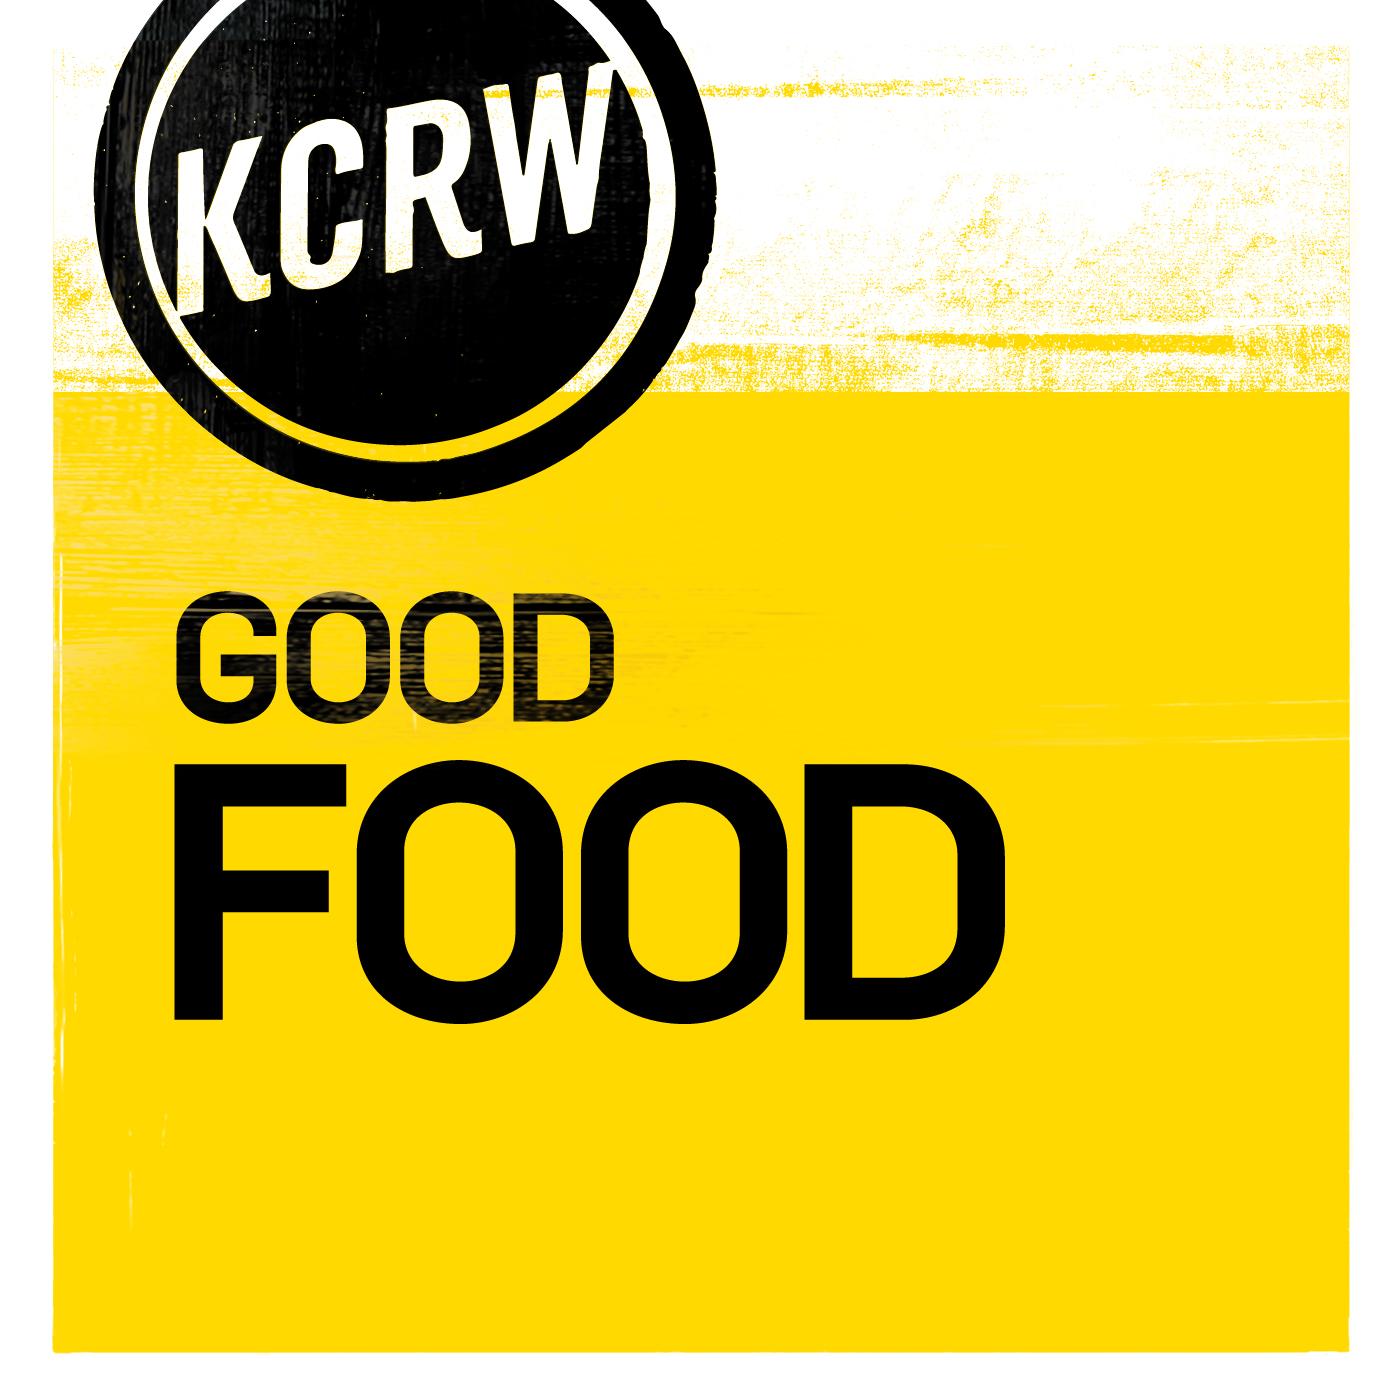 kcrw-gf.jpg